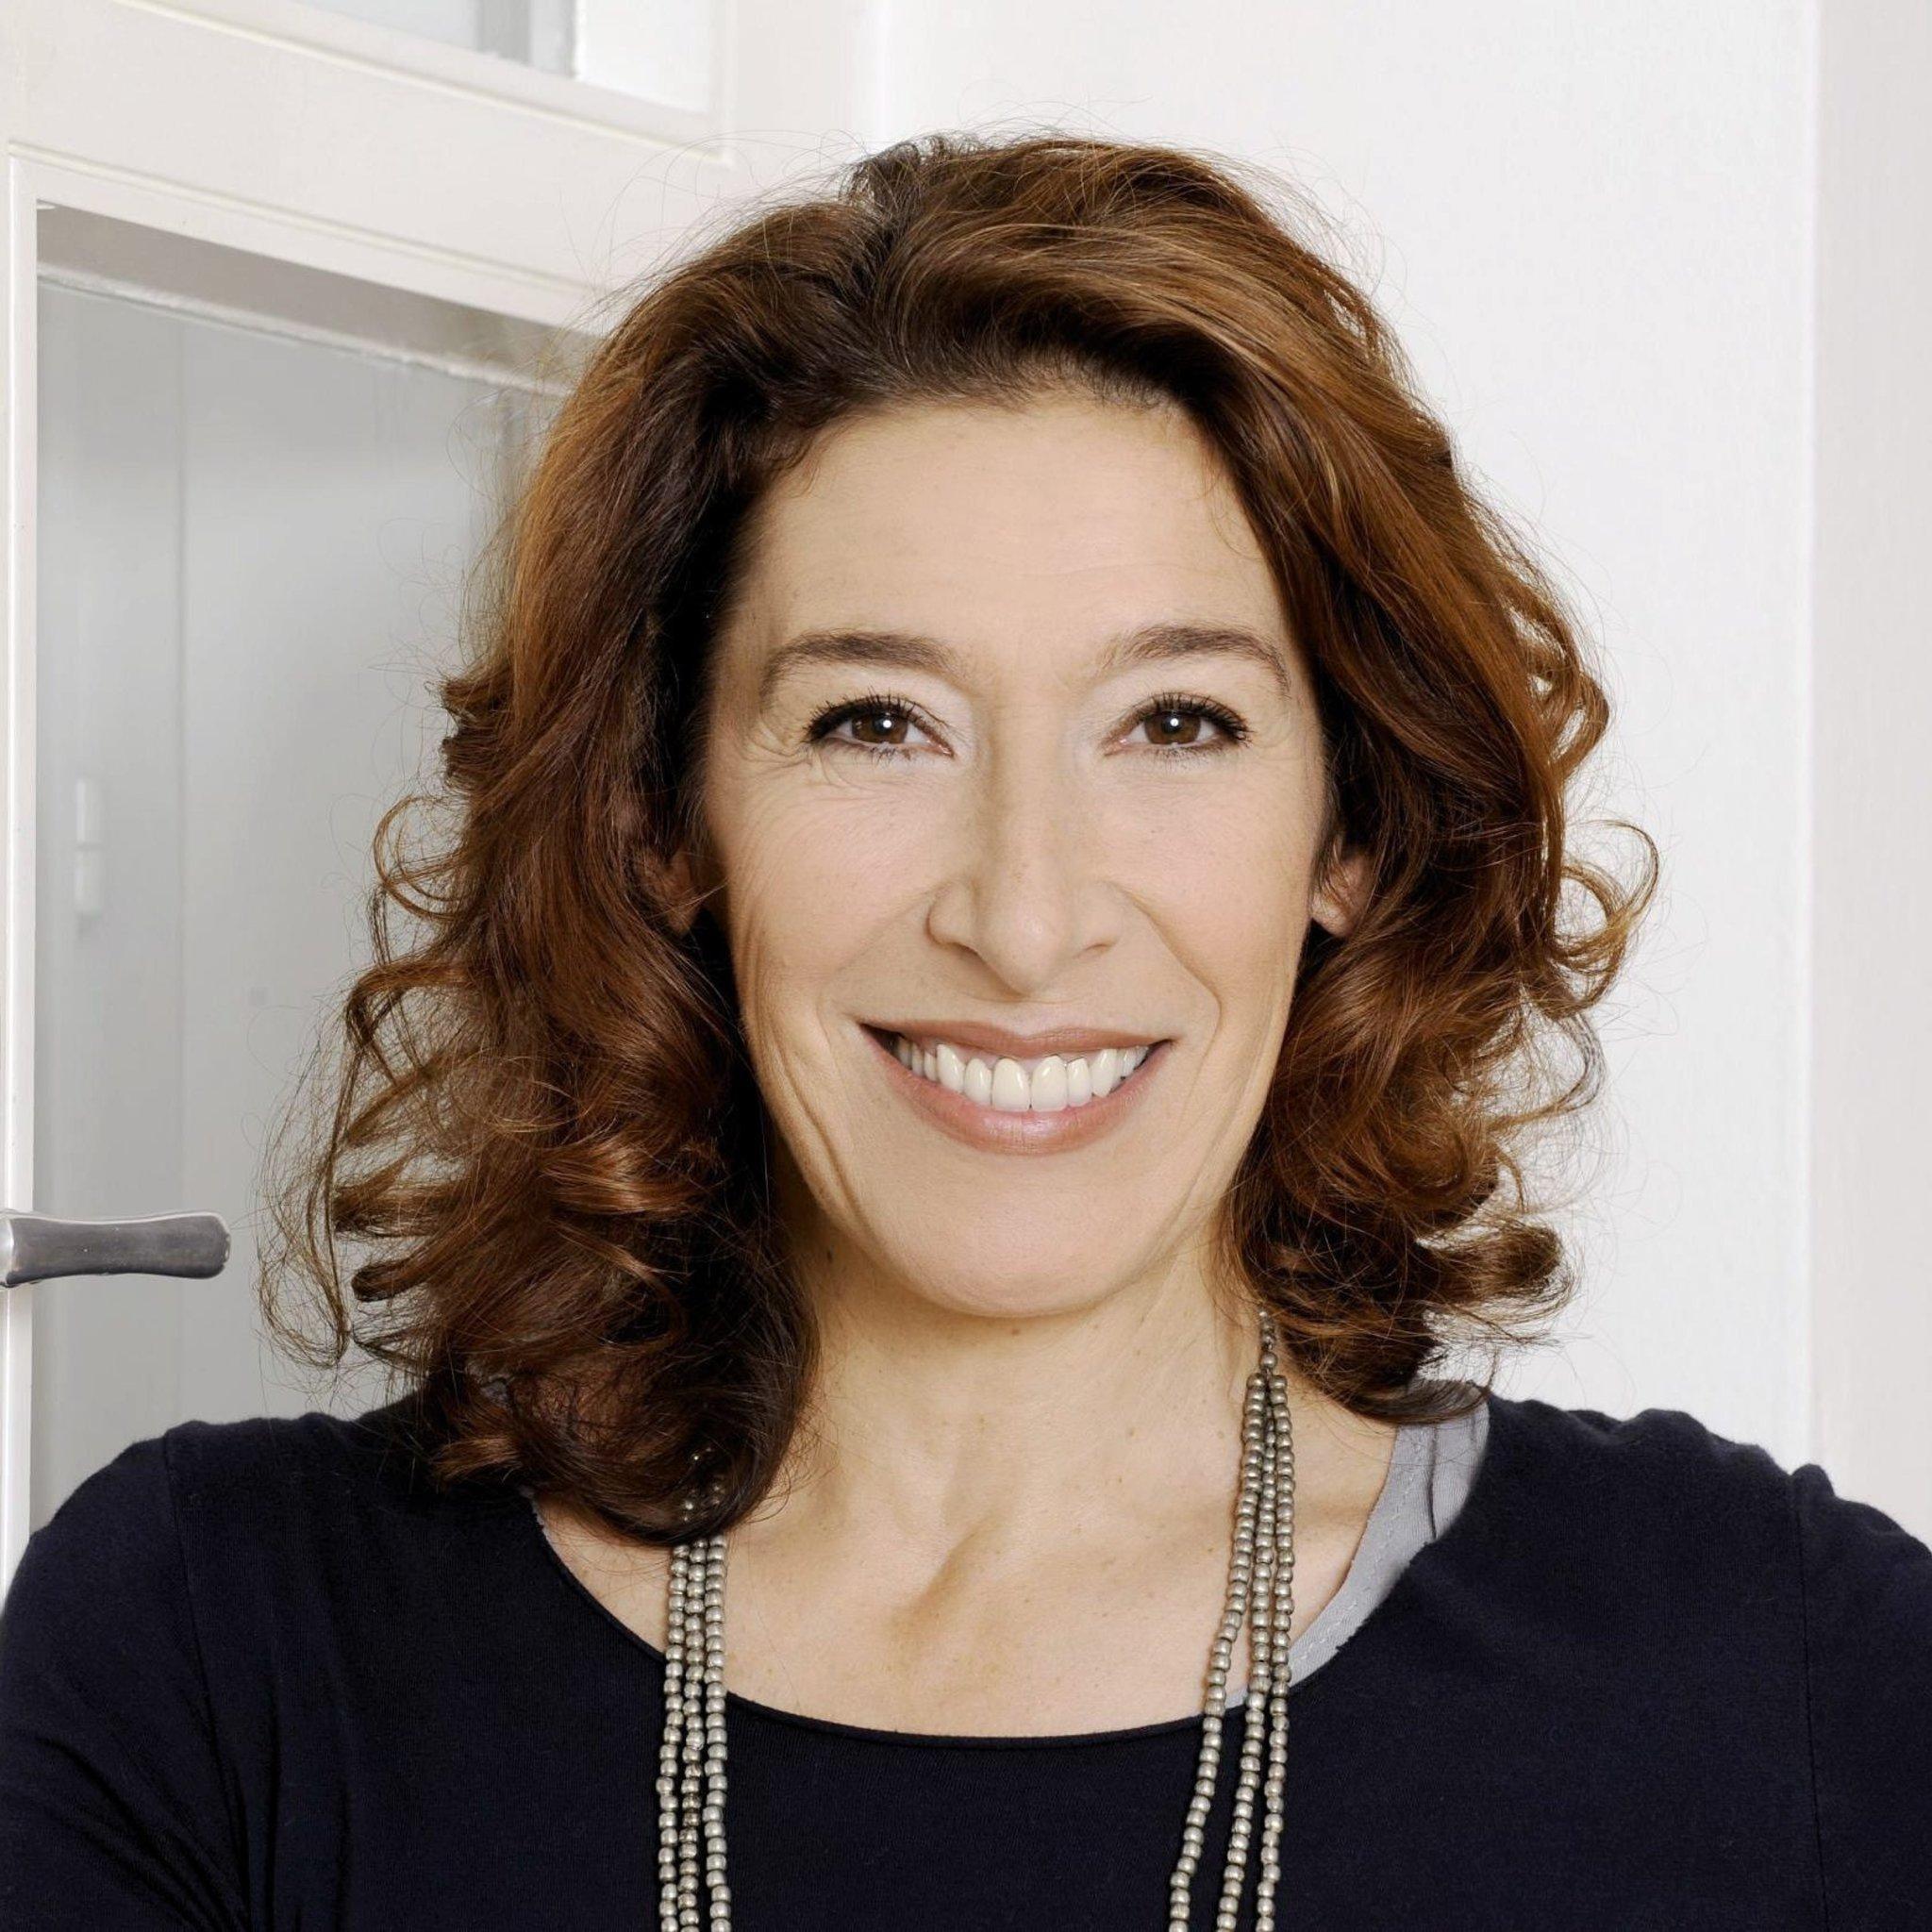 Ausverkauft: Adele Neuhauser sorgt für volles Haus im